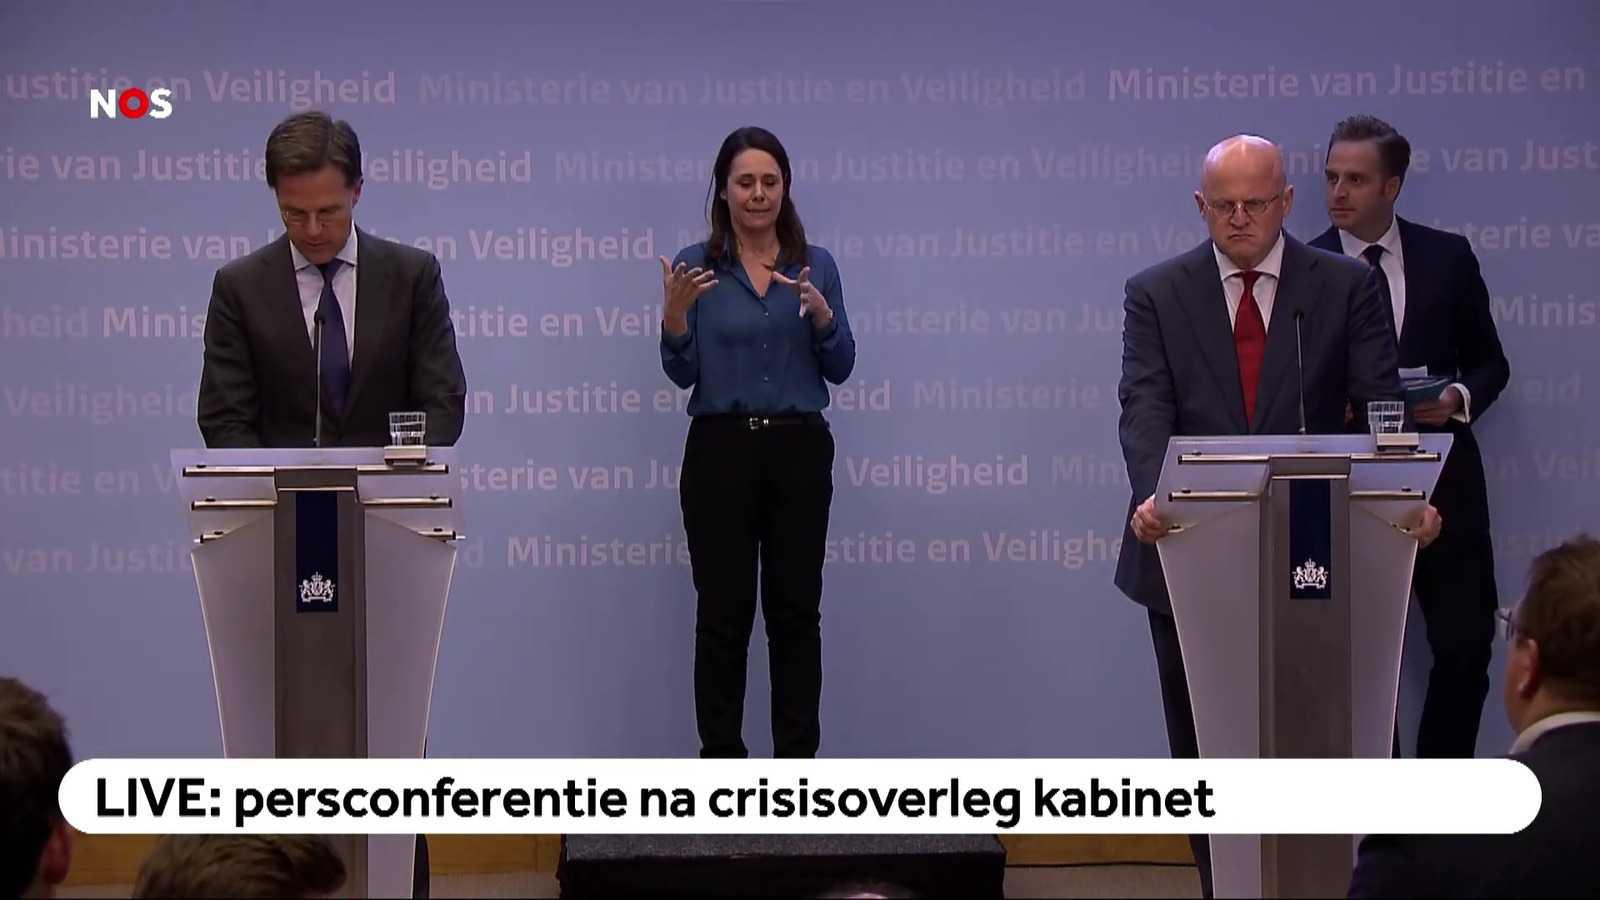 Пресс-конференция. Кадр из видео NOS.